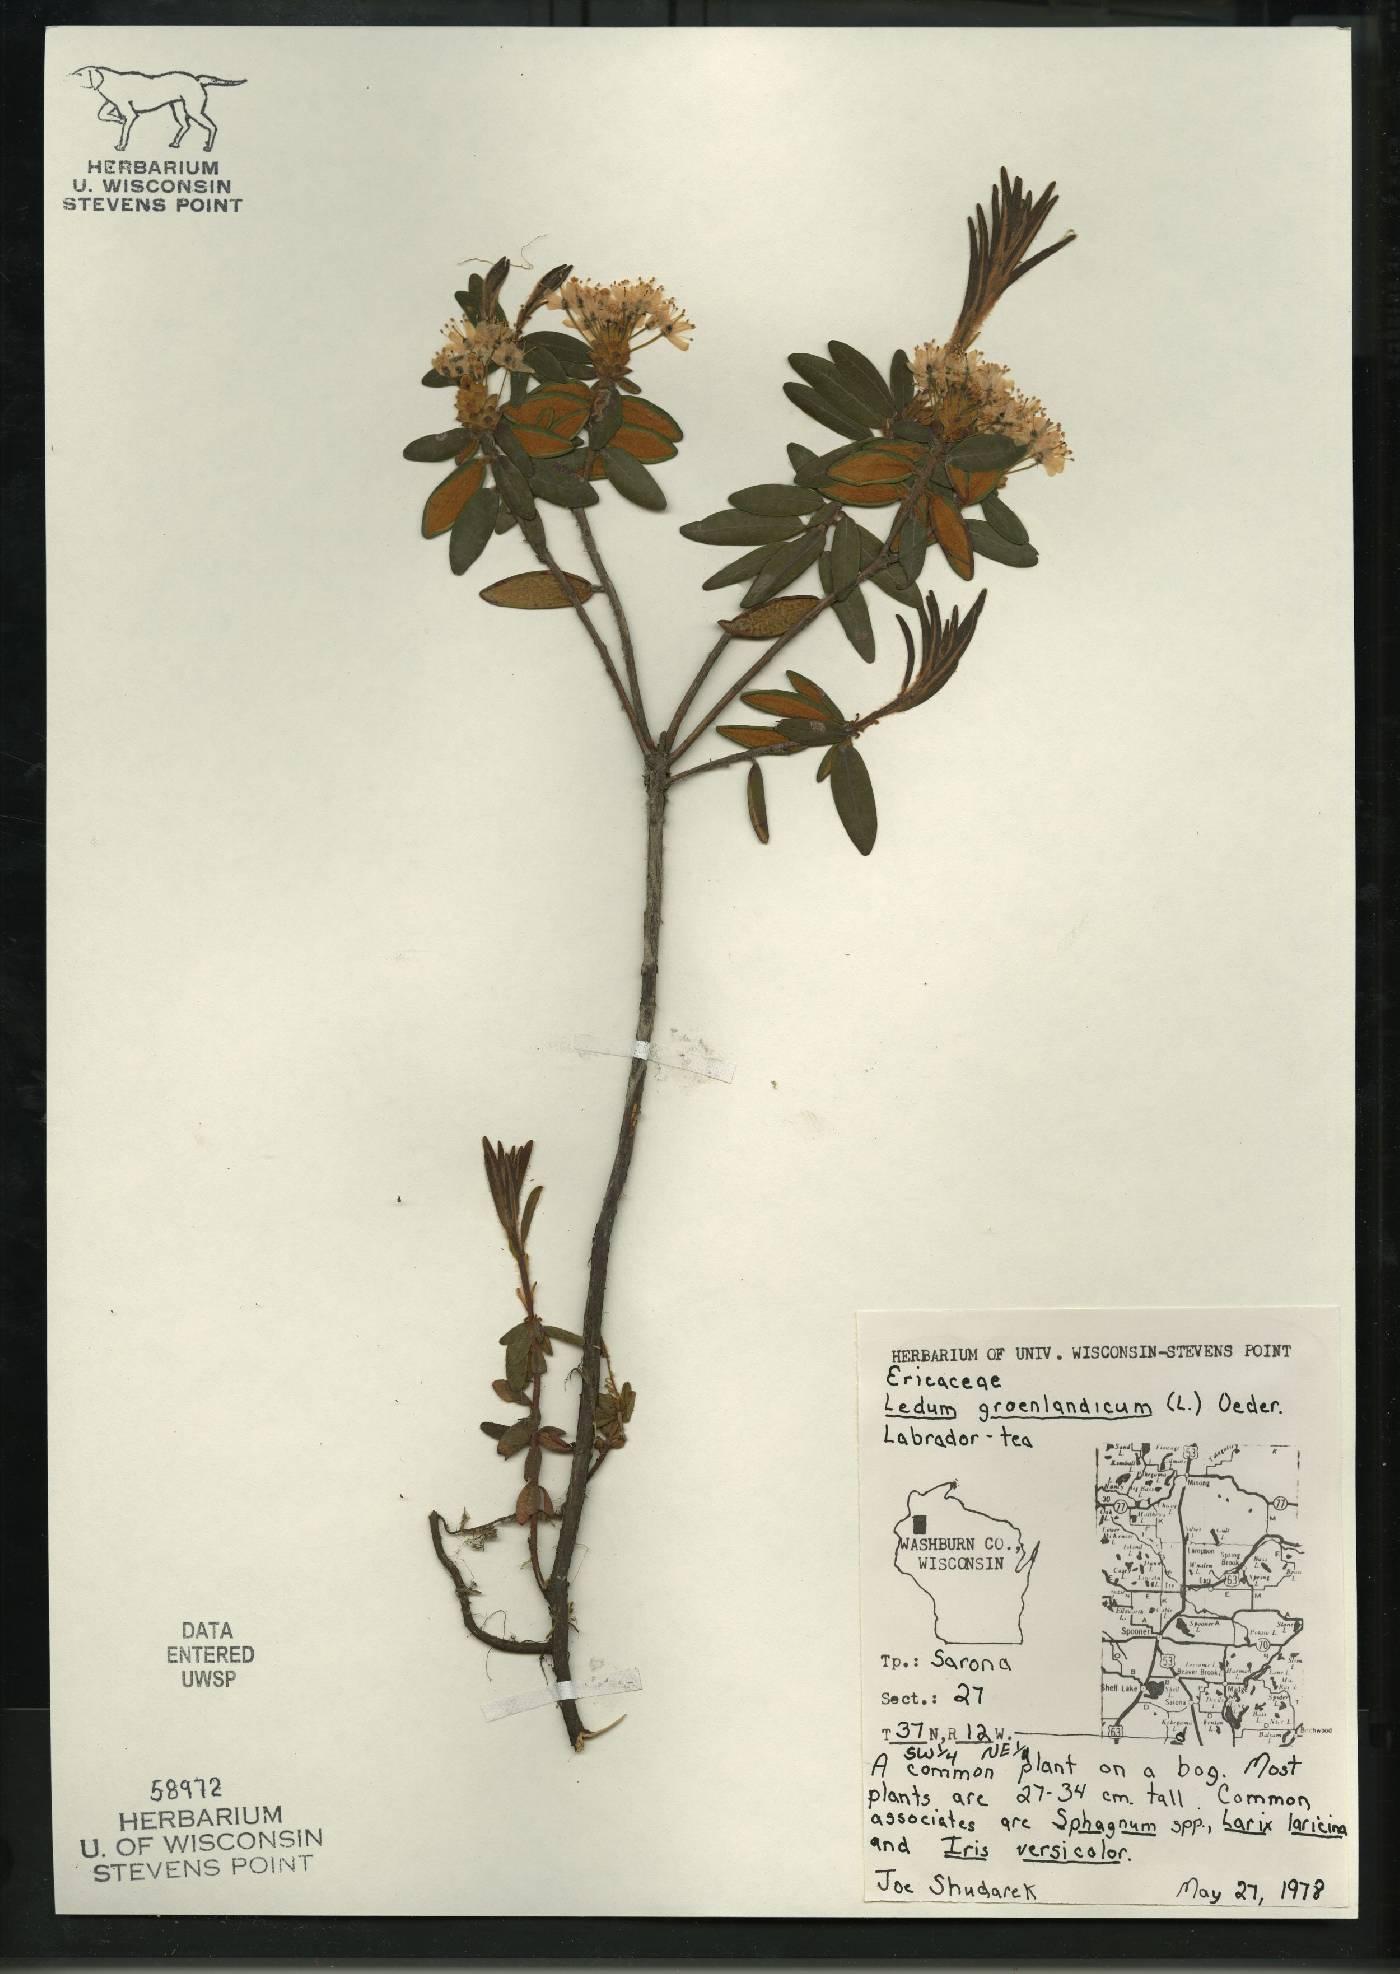 Rhododendron groenlandicum image